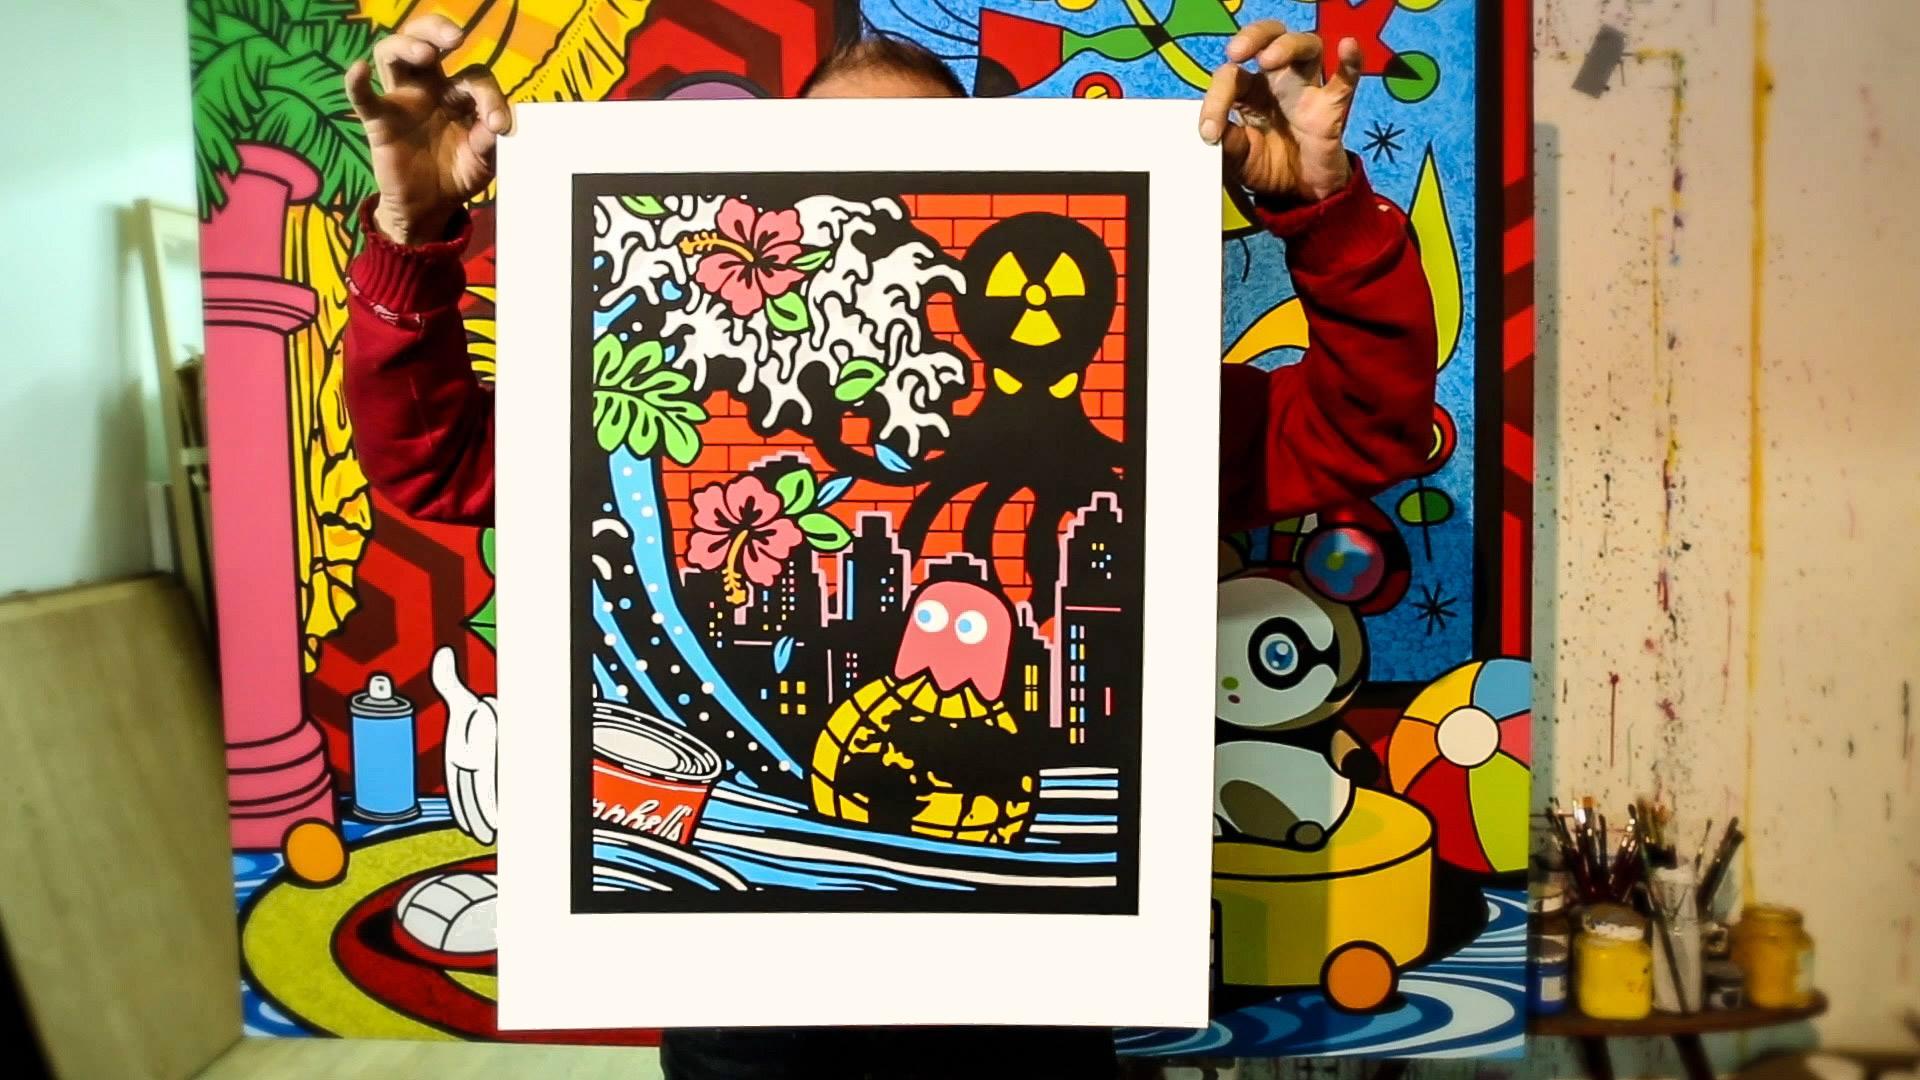 Edition of Speedy Graphito & Artsuggest.com